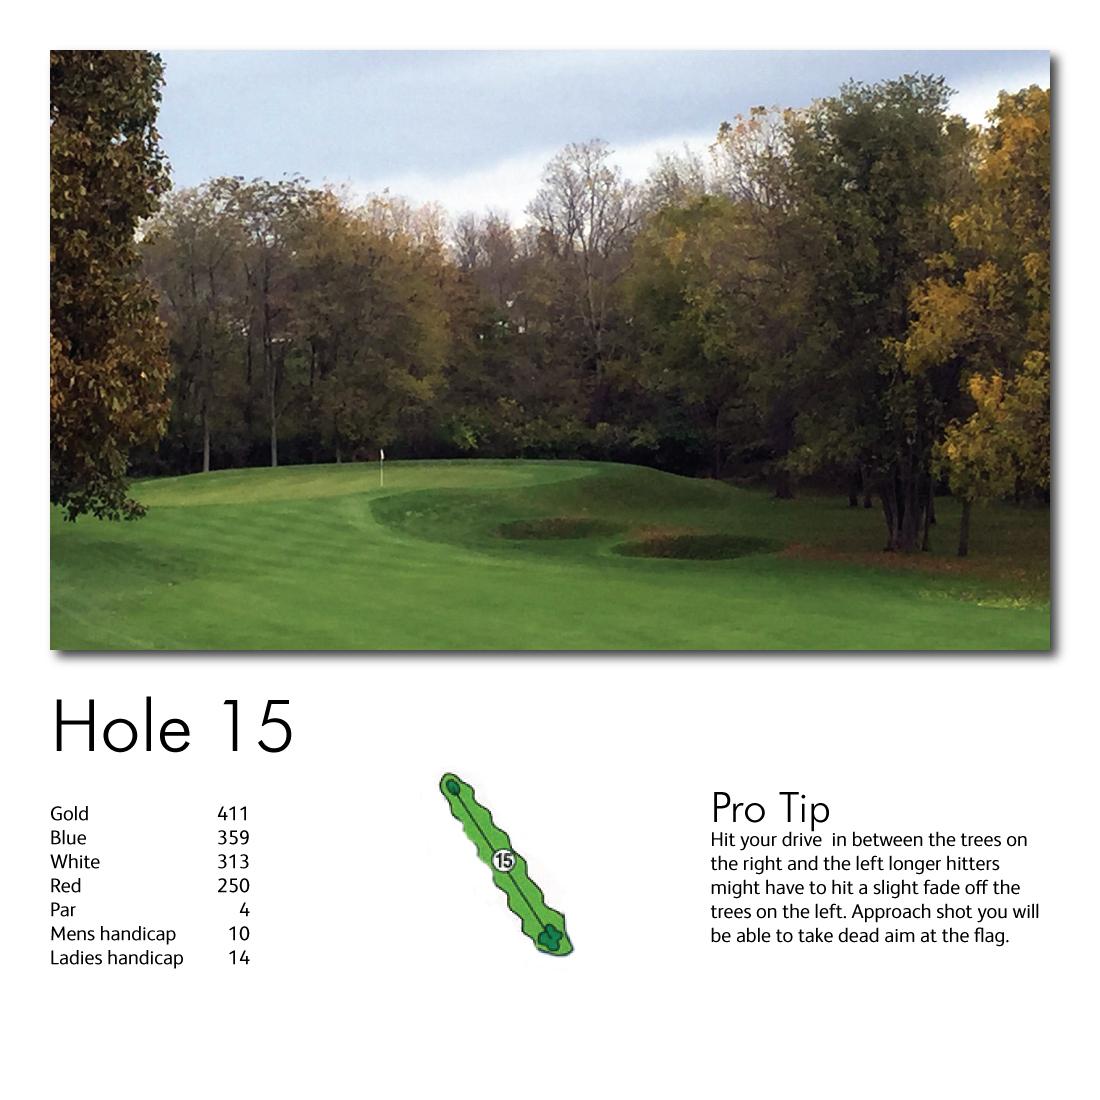 Hole-15-web-image.jpg